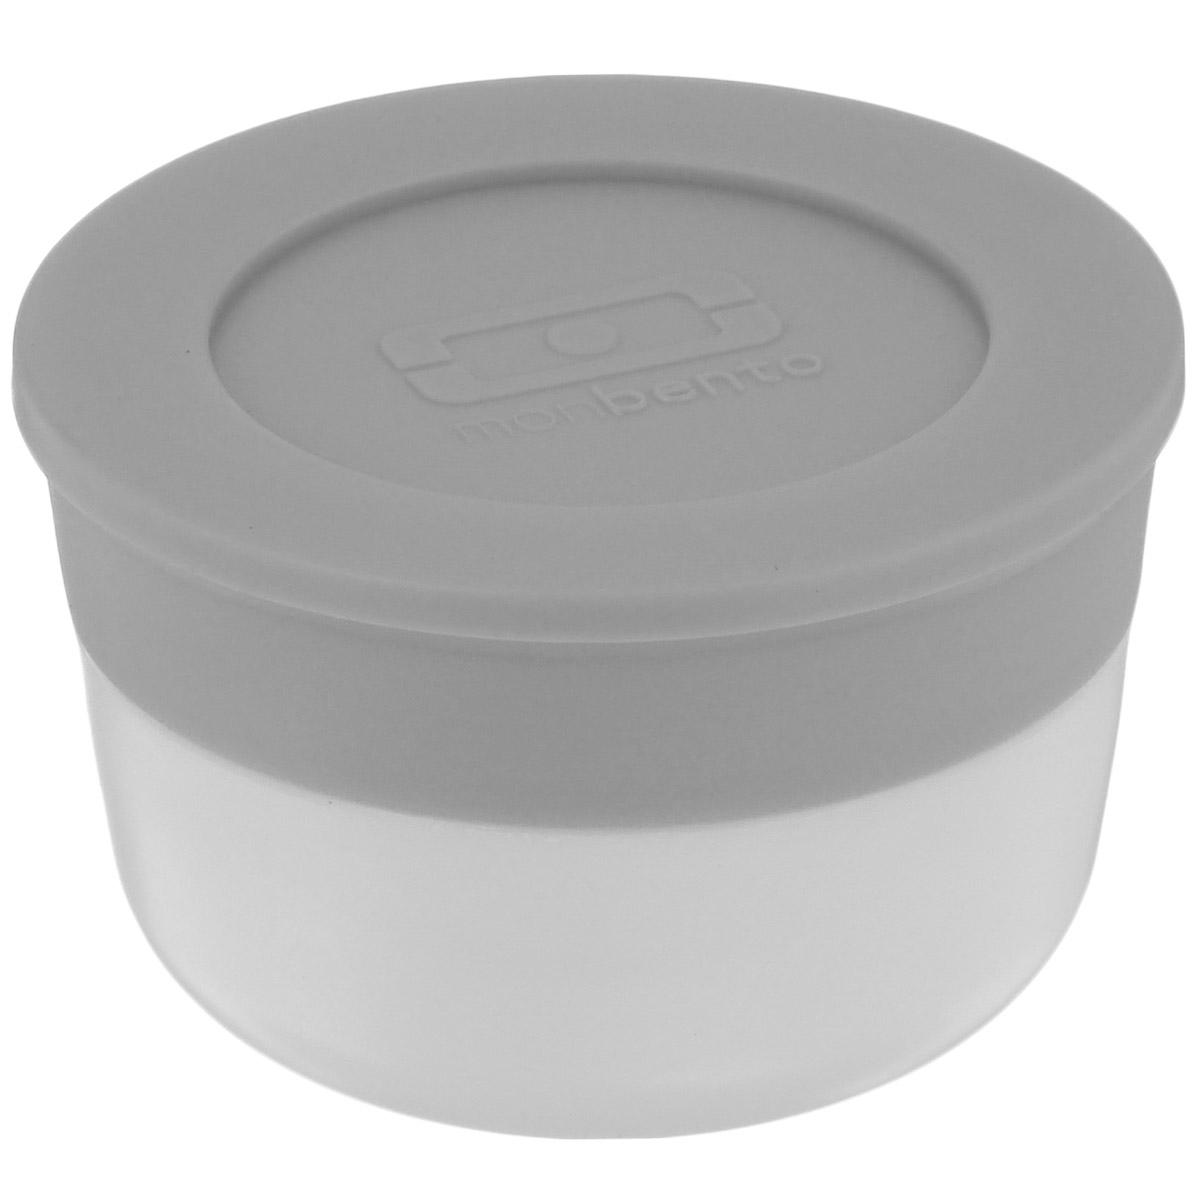 Соусница Monbento Monbento Temple, с крышкой, цвет: белый, серый, диаметр 5 см, 28 мл115510Соусница с крышкой Monbento MB Temple - удобное дополнение к ланч-боксу, которое позволит заправить соусом салат или гарнир прямо перед едой. Соусница изготовлена из полипропилена и имеет герметичную плотно закручивающуюся силиконовую крышечку. Идеально помещается в ланч-бокс от Monbento, занимая минимум места.Можно мыть в посудомоечной машине, а также хранить в морозильной камере.Диаметр соусницы: 5 см.Объем соусницы: 28 мл.Высота соусницы (с учетом крышки): 3,2 см.Диаметр по верхнему краю: 4,2 см.